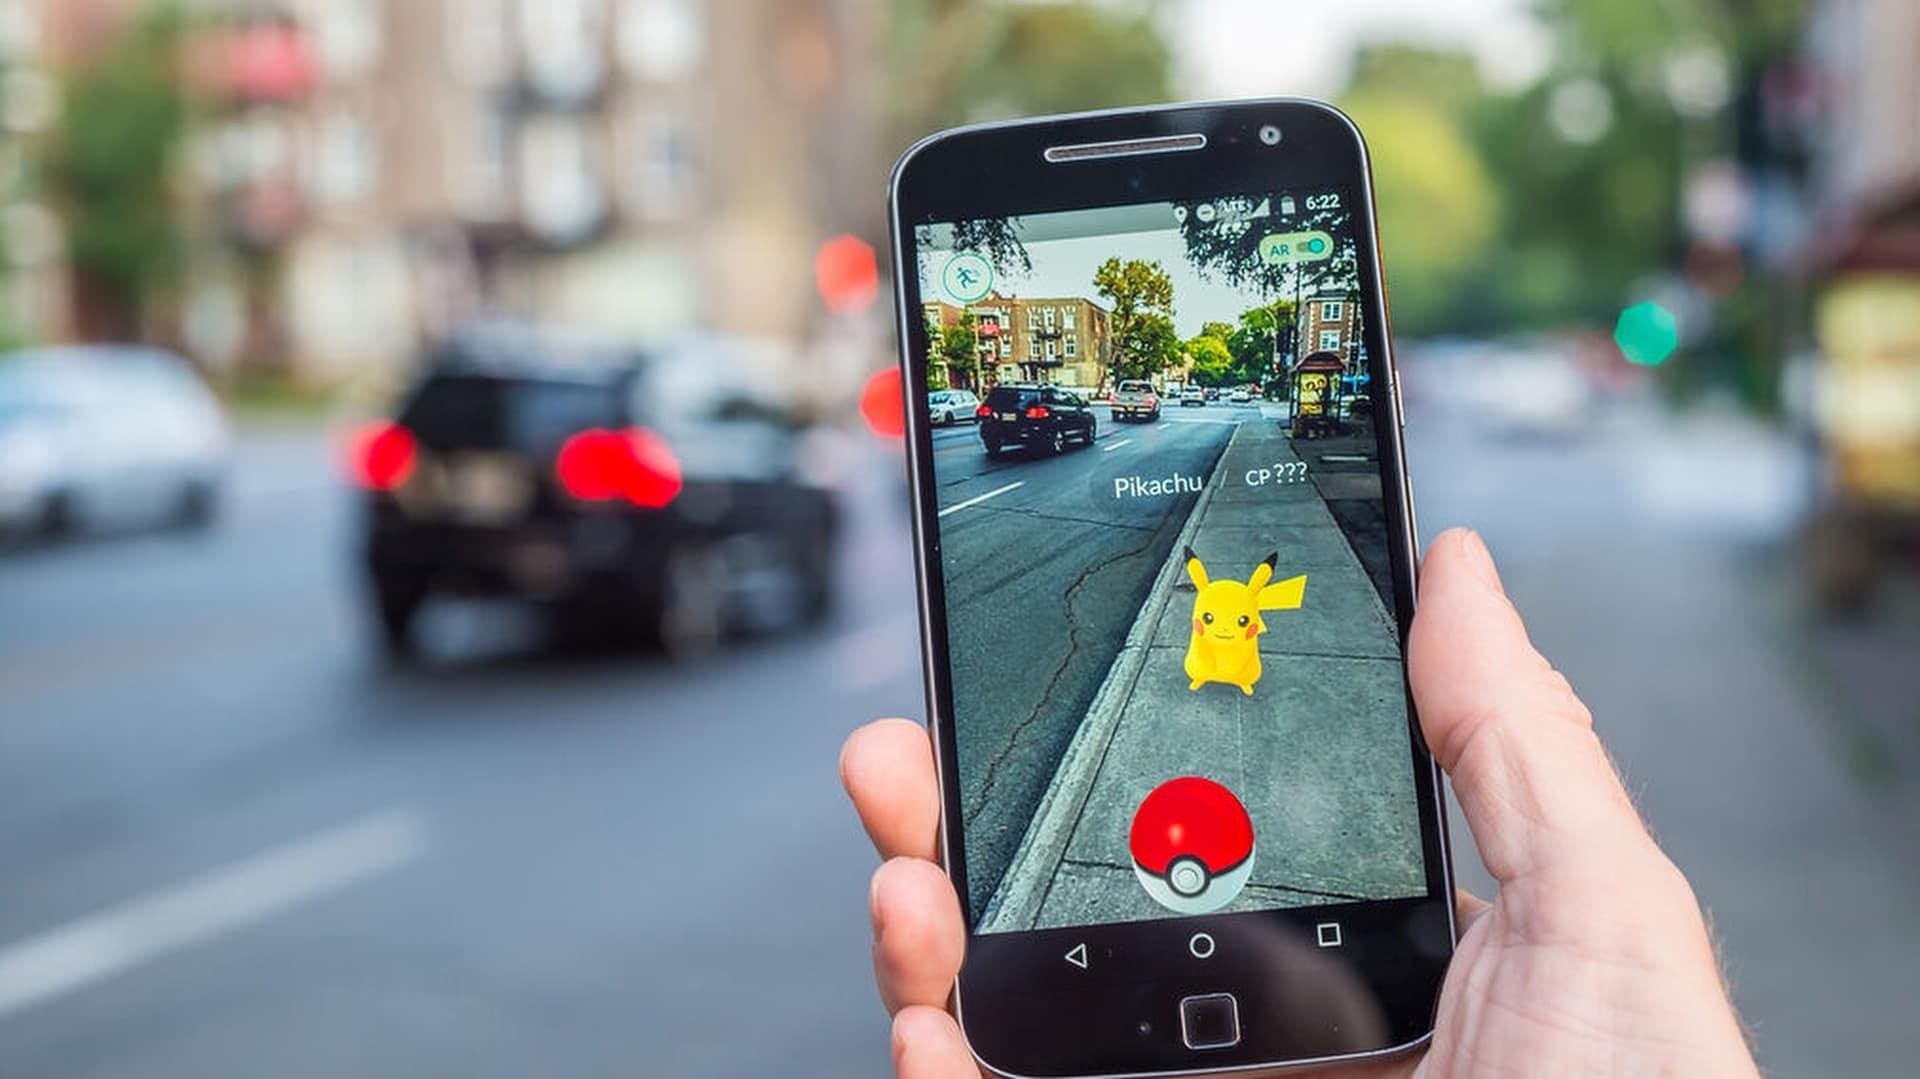 Pokémon GO: Jugador logra obtener el máximo número de puntos de experiencia en una captura gracias a este increíble combo